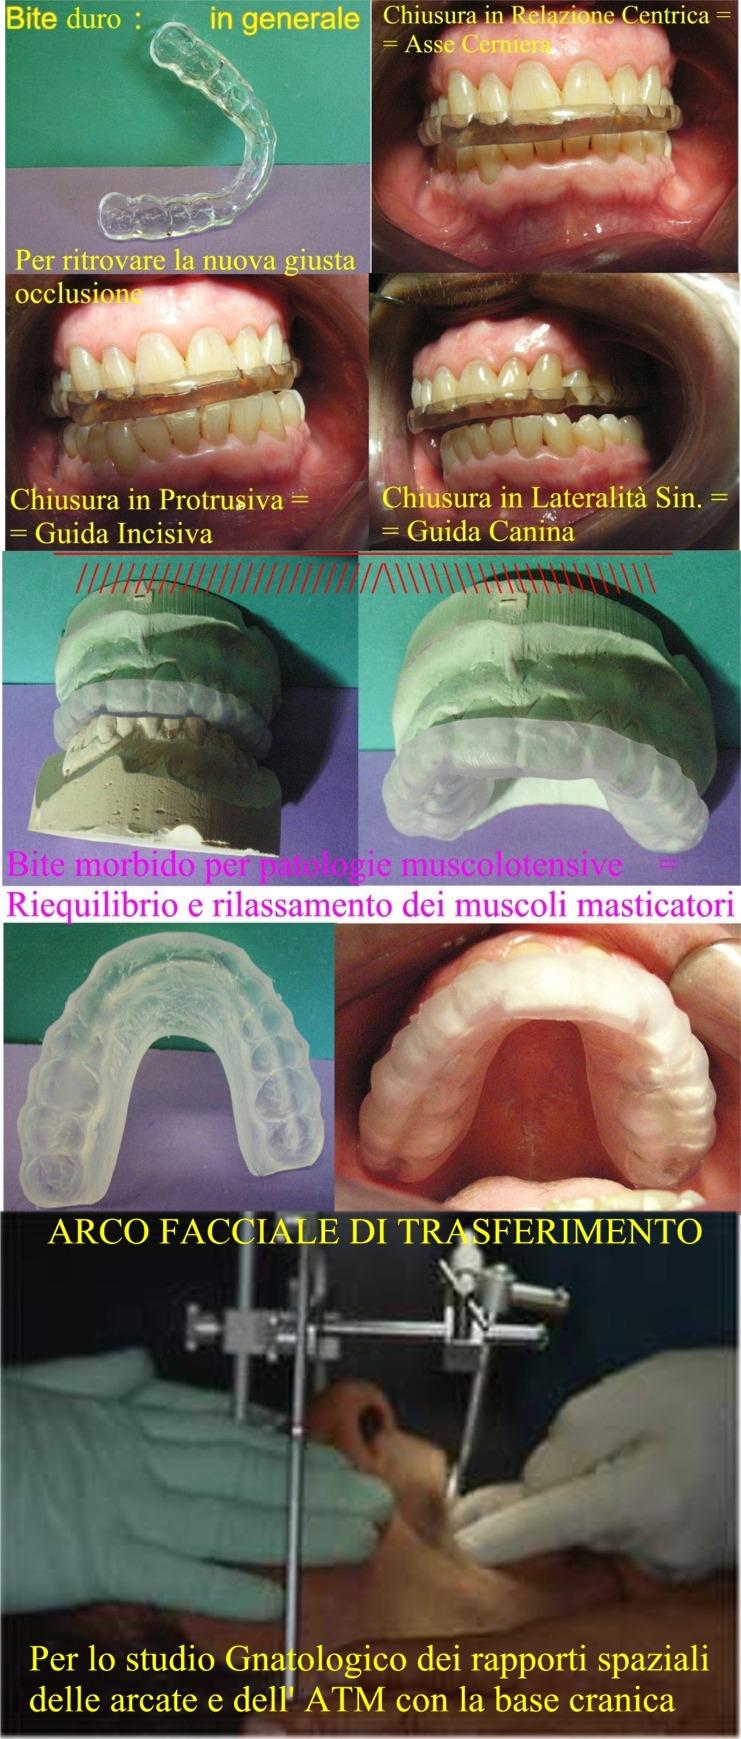 Bite di diversi tipi e Arco Facciale di trasferimento. Da casistica Gnatologica del Dr. Gustavo Petti Parodontologo Gnatologo di Cagliari